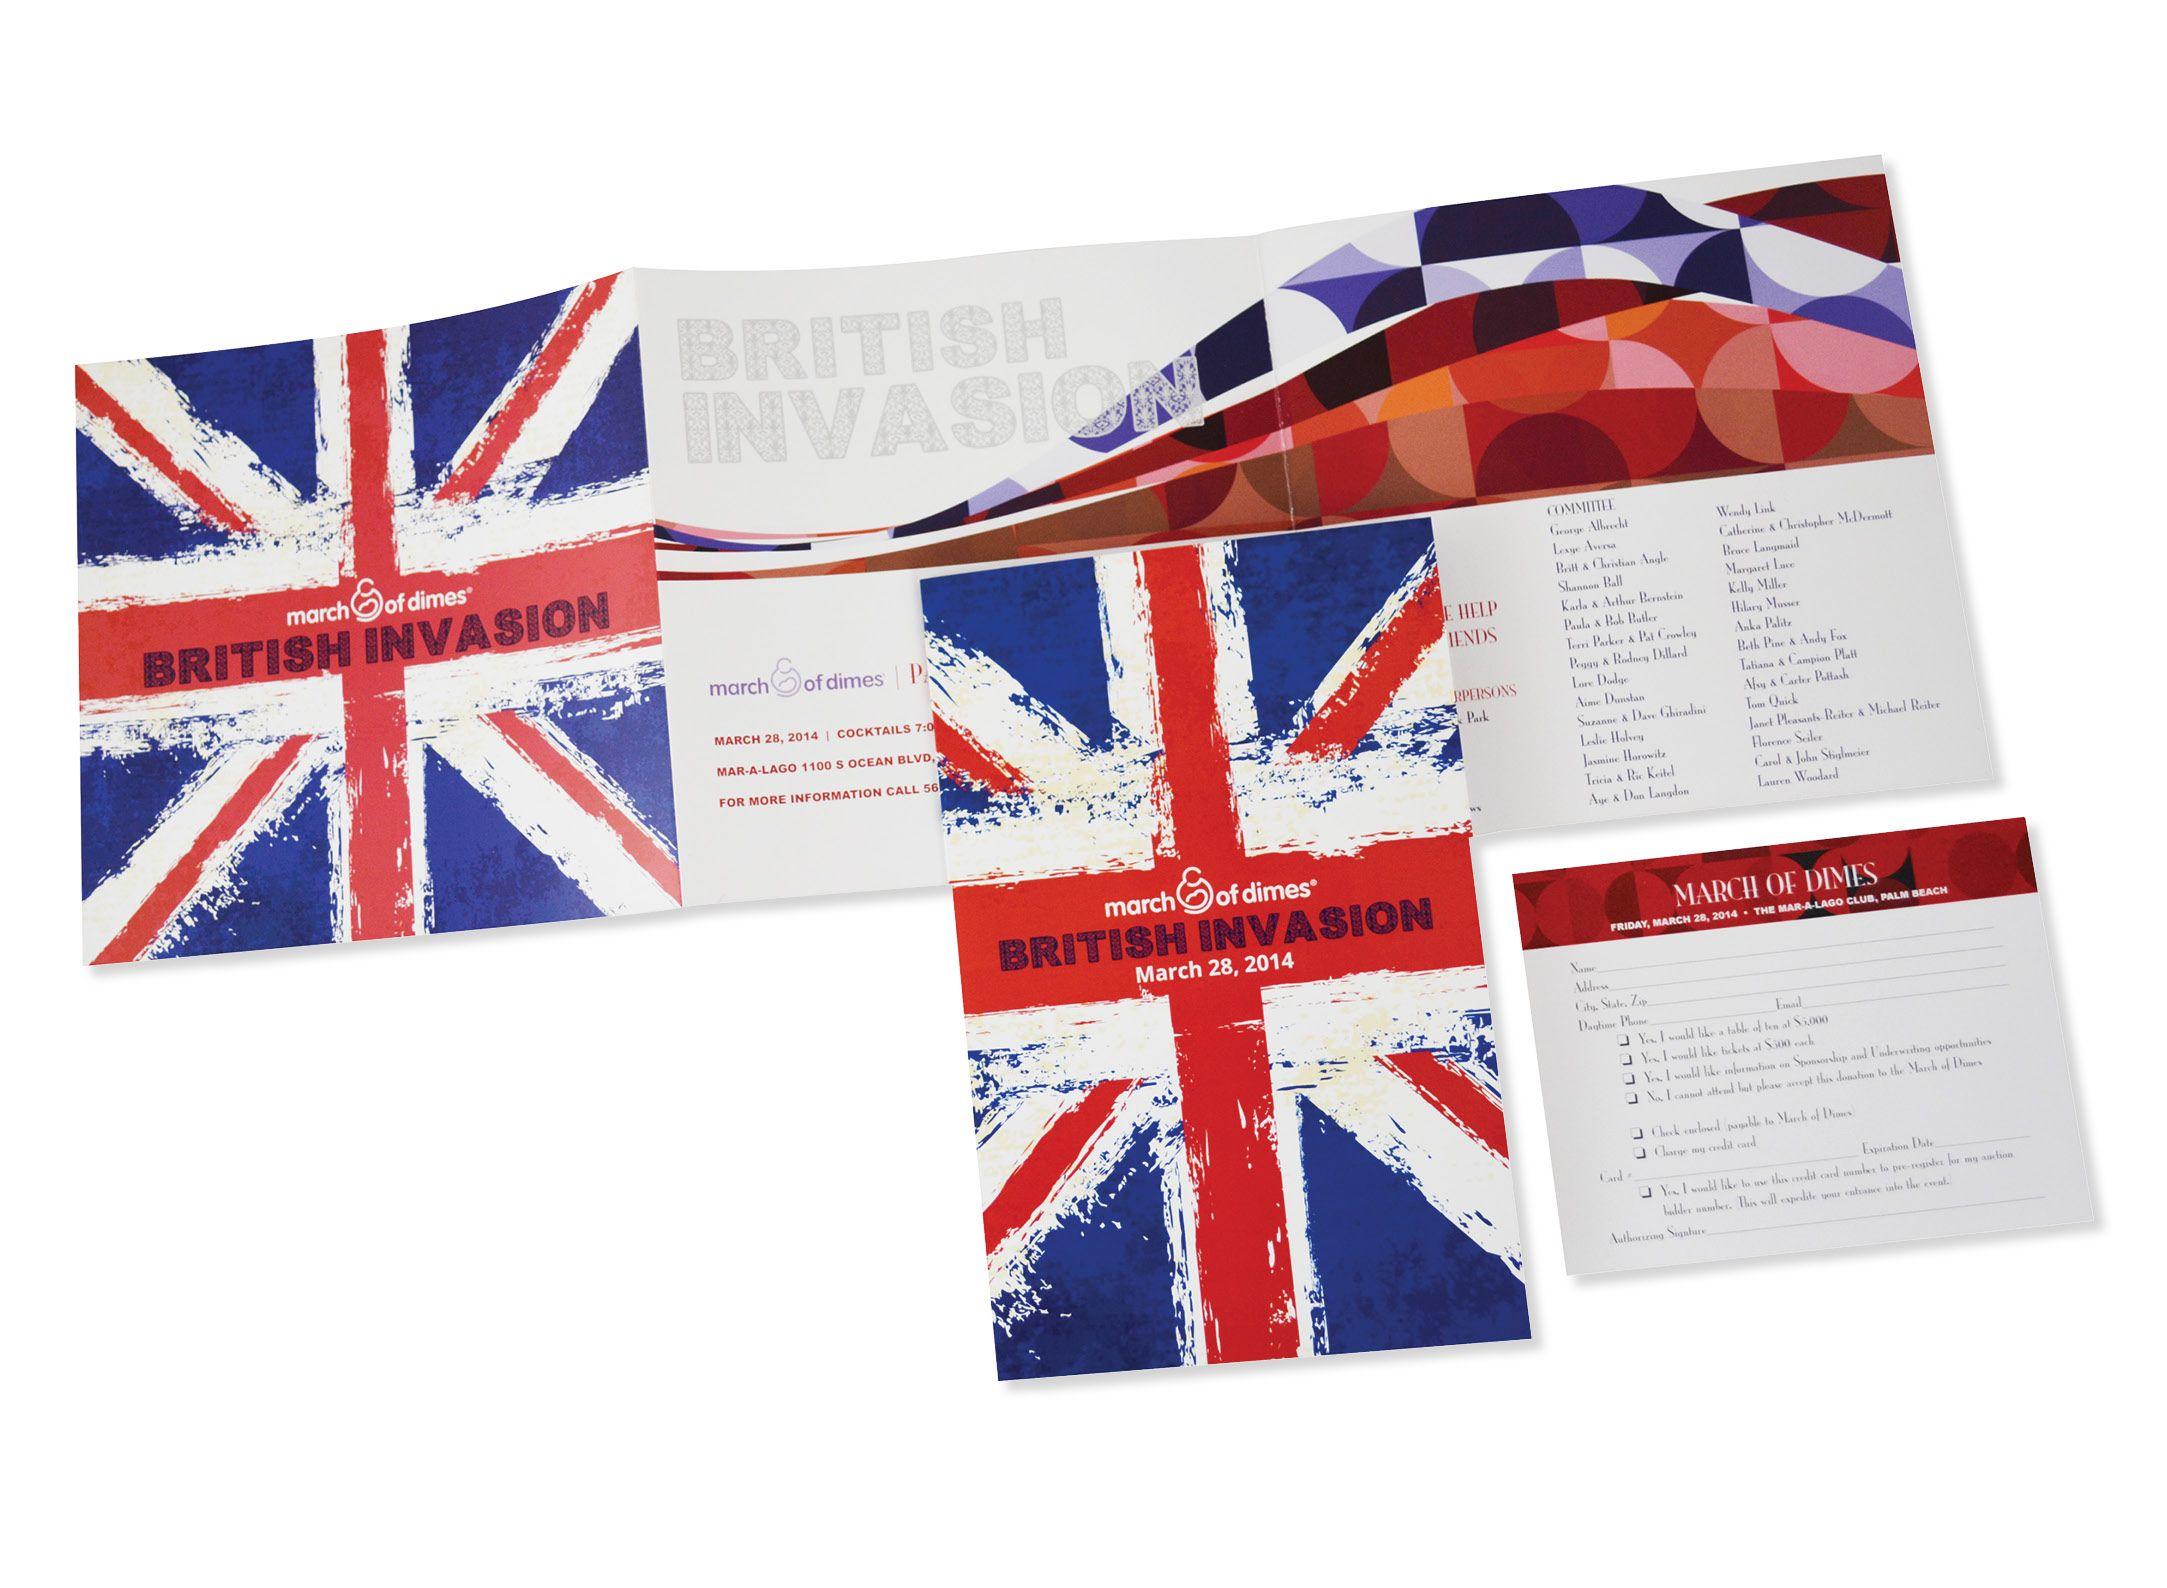 March of Dimes British Invasion invite #design #invitedesign #invite #marchofdimes #british